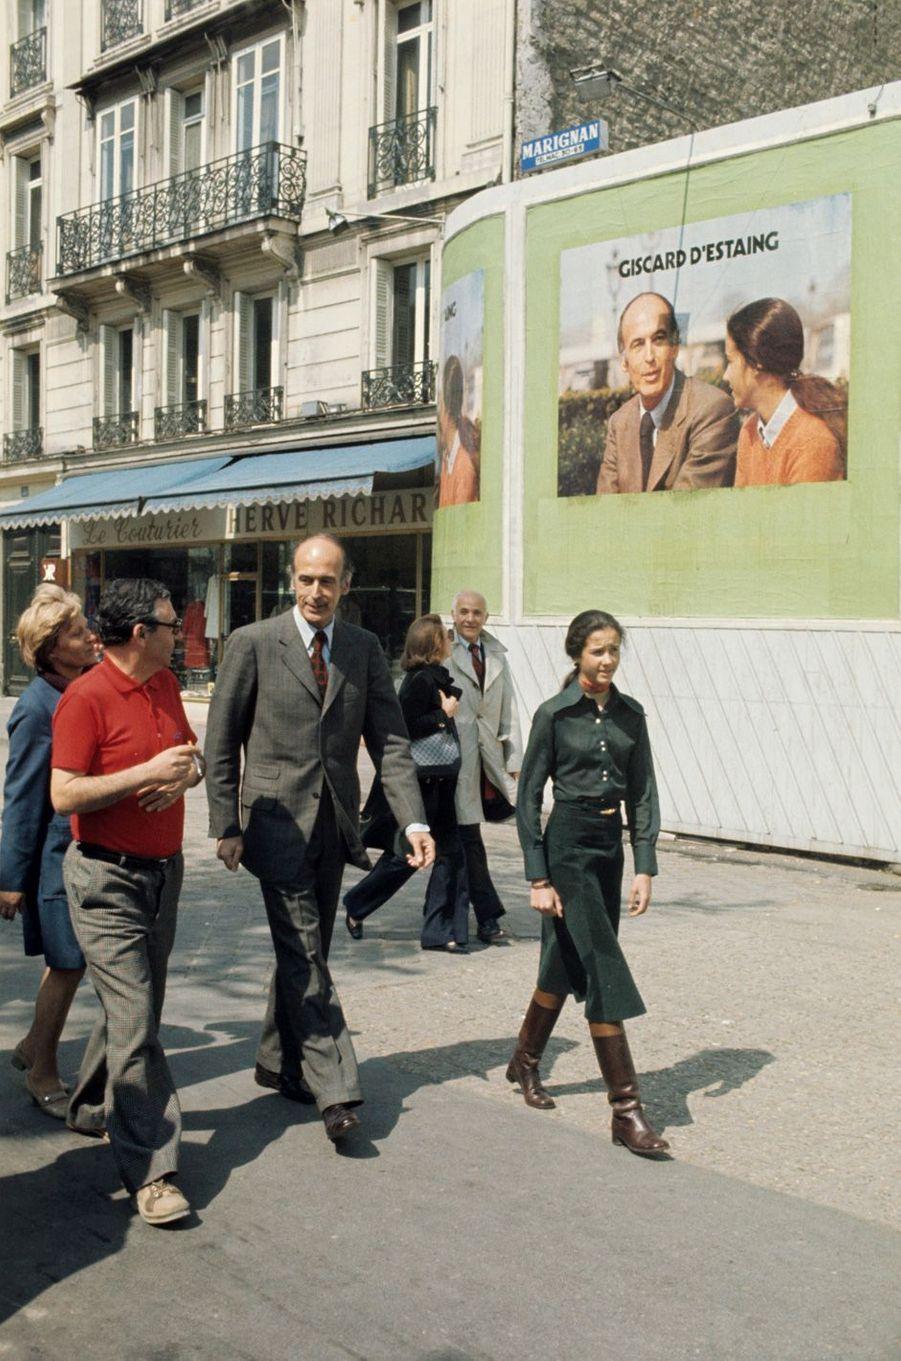 Jacinte Giscard d'Estaing, ici avec son père, apparaît sur l'affiche de la campagne présidentielle en 1974.